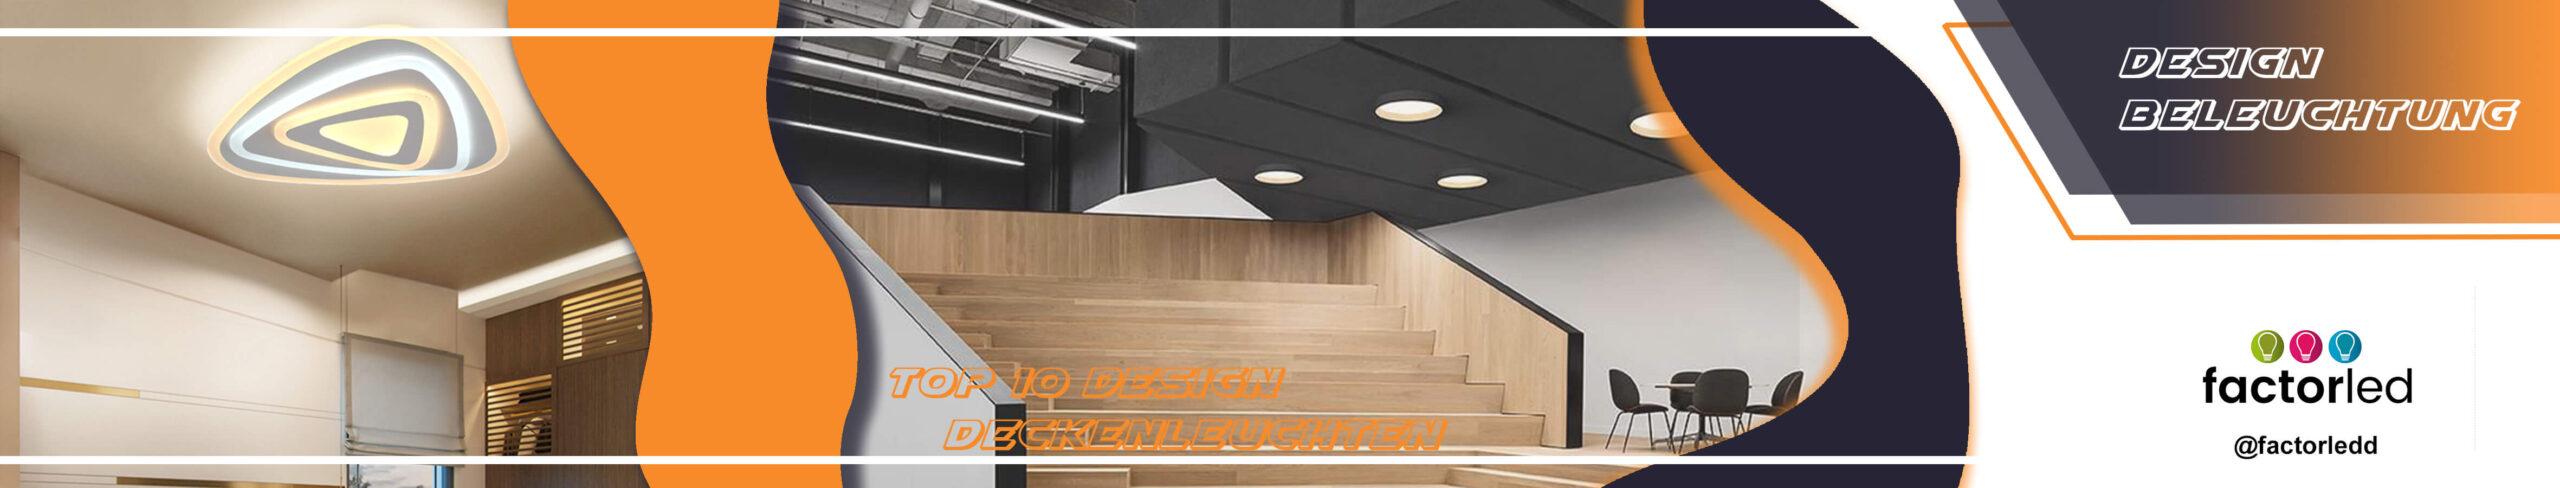 Full Size of Wohnzimmer Deckenleuchten Küche Industriedesign Designer Betten Bett Modern Design Schlafzimmer Bad Esstische Regale Lampen Esstisch Badezimmer Wohnzimmer Deckenleuchten Design